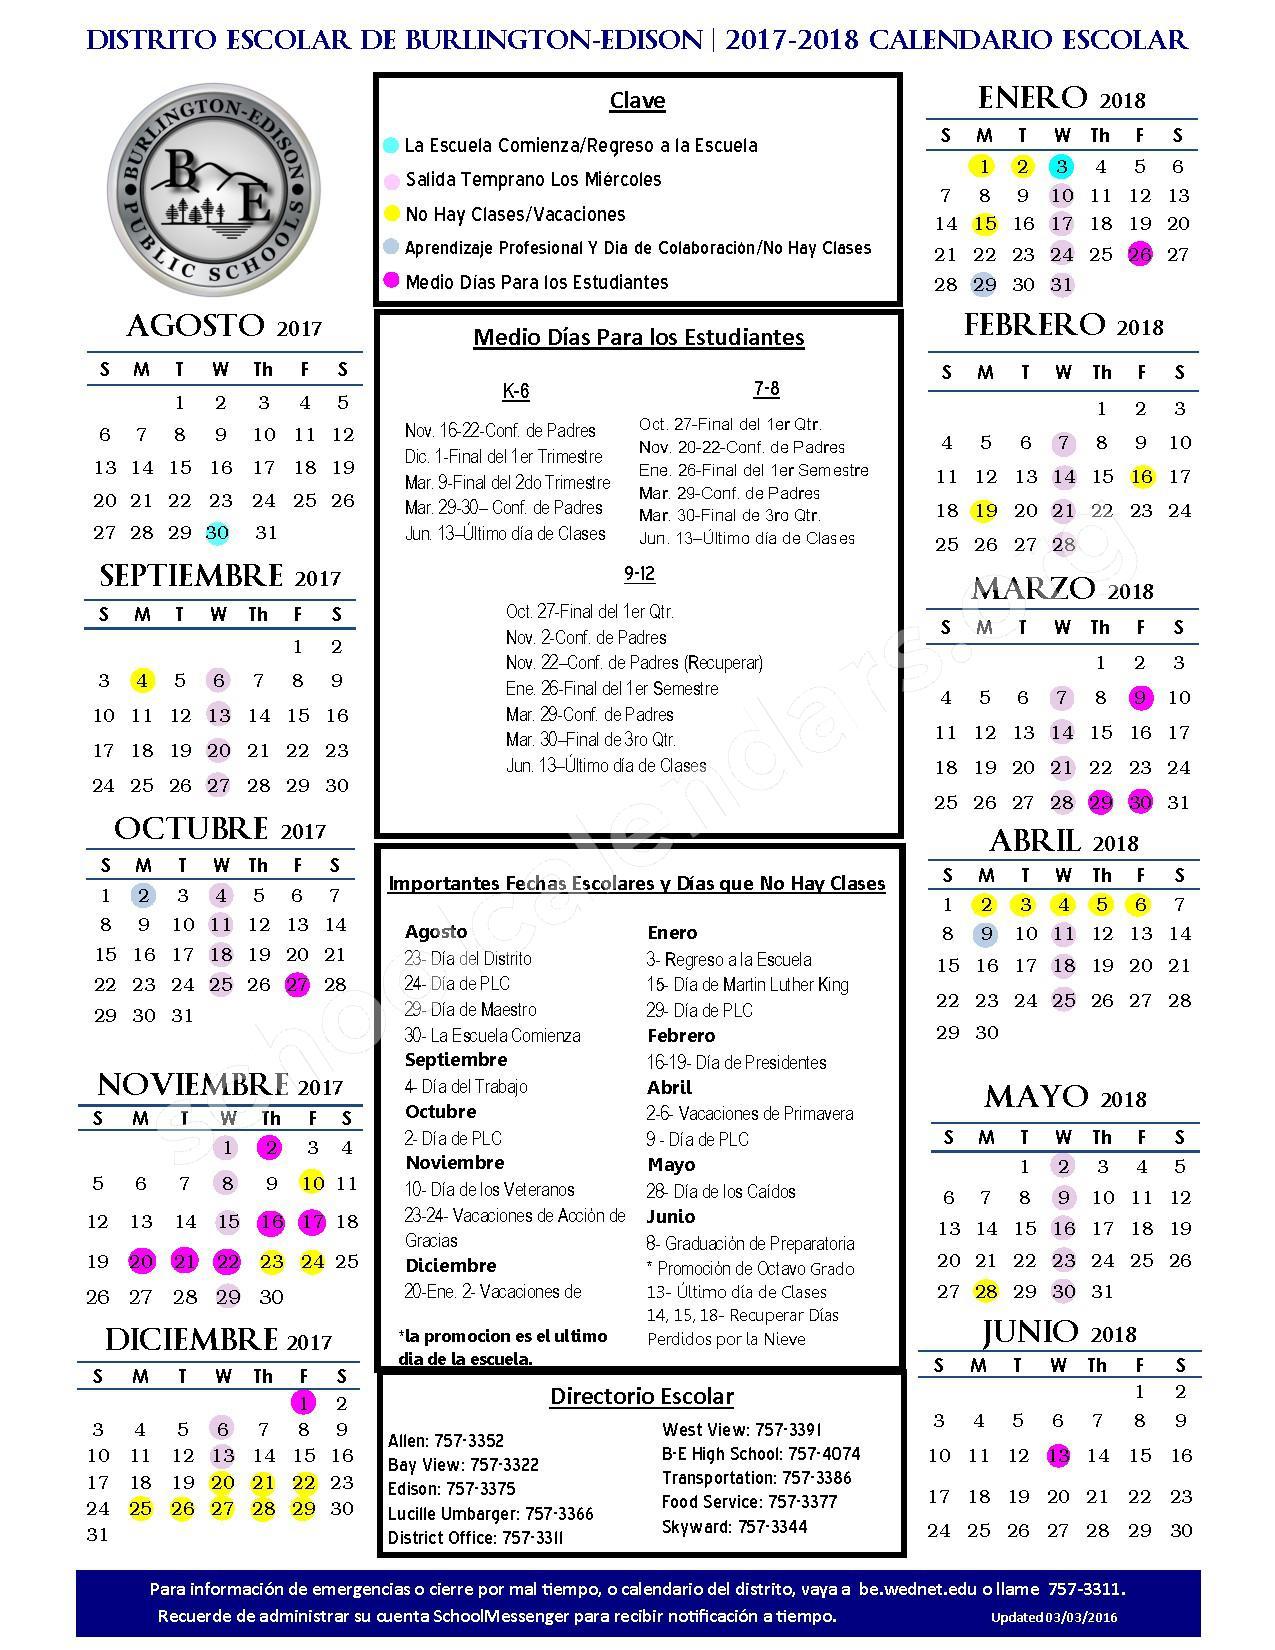 2017 - 2018 Calendario Escolar – Burlington-Edison School District – page 1